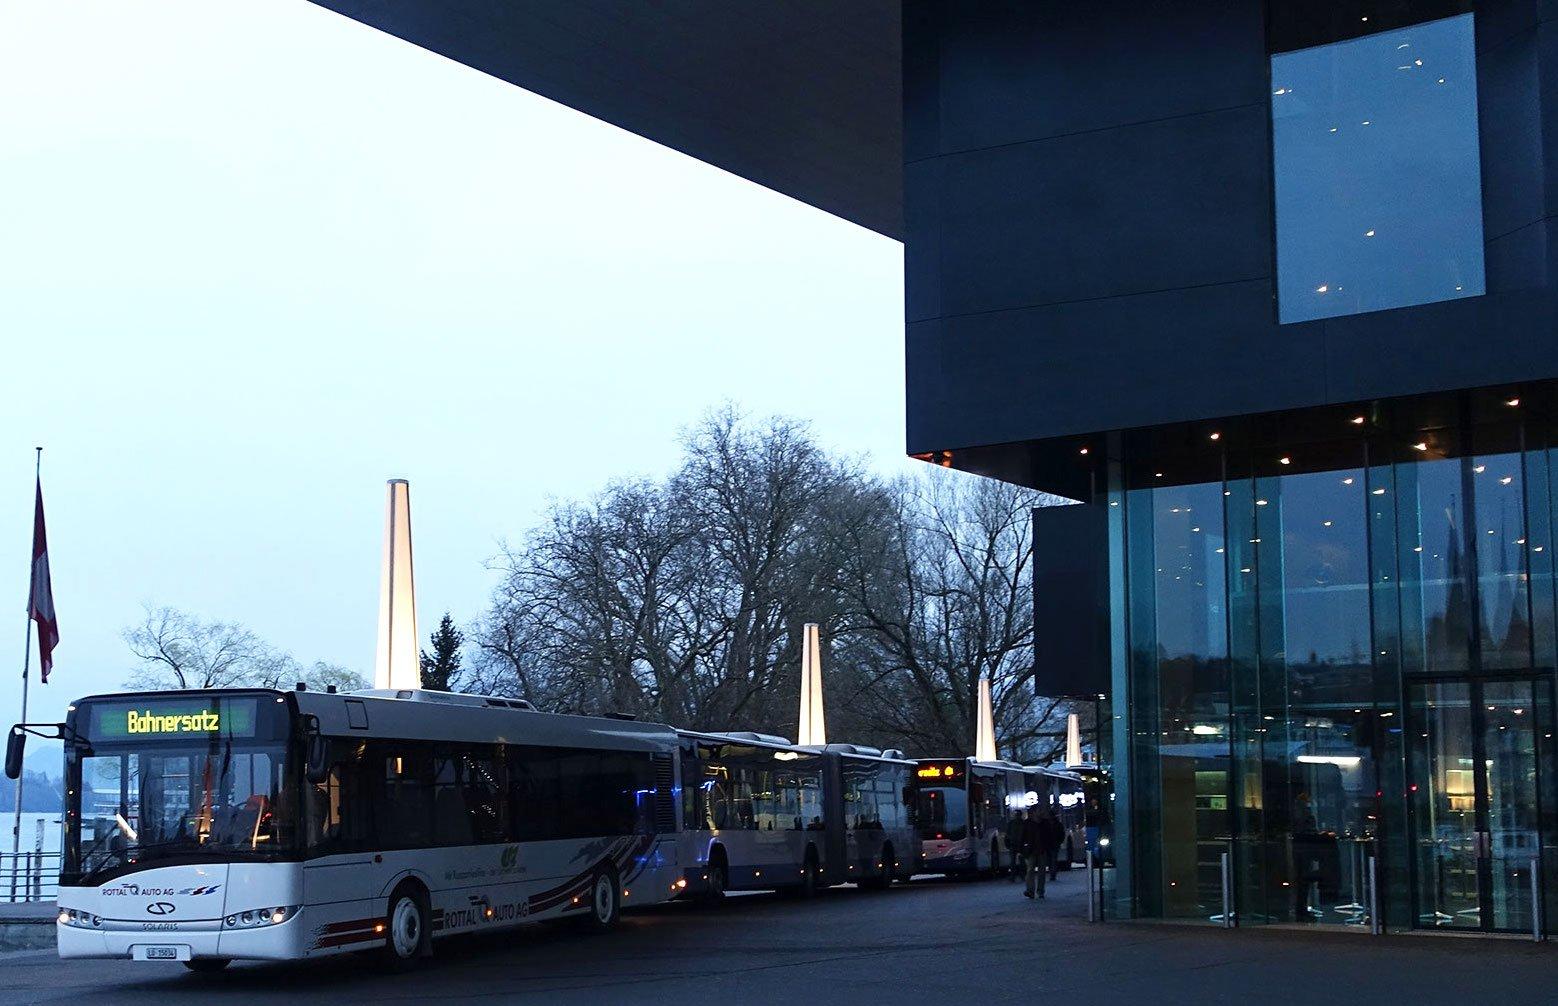 Spontan diente der Europaplatz im März 2017 beim Bahnhofsausfall als Busperron.